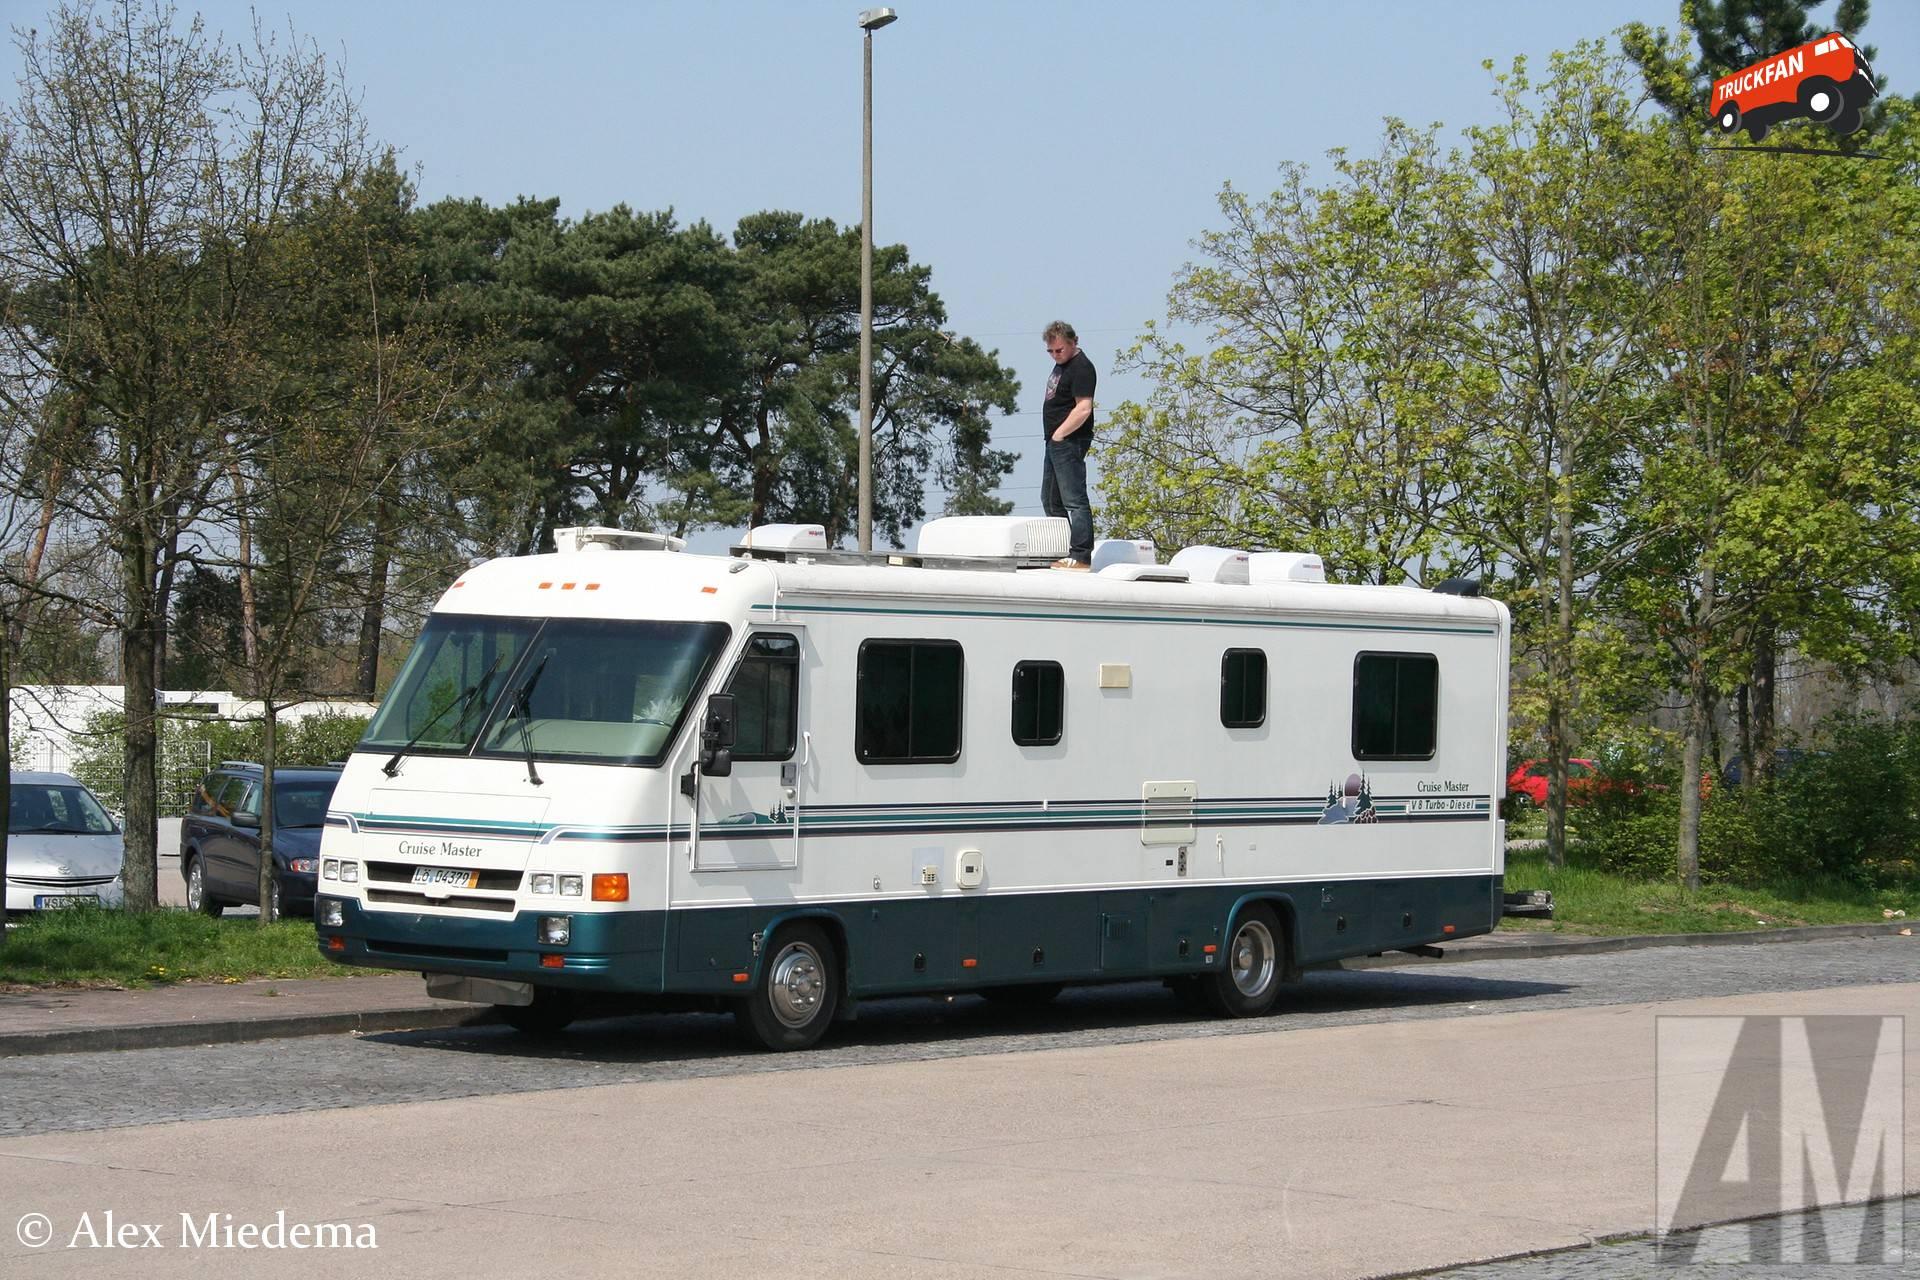 Cruise Master camper